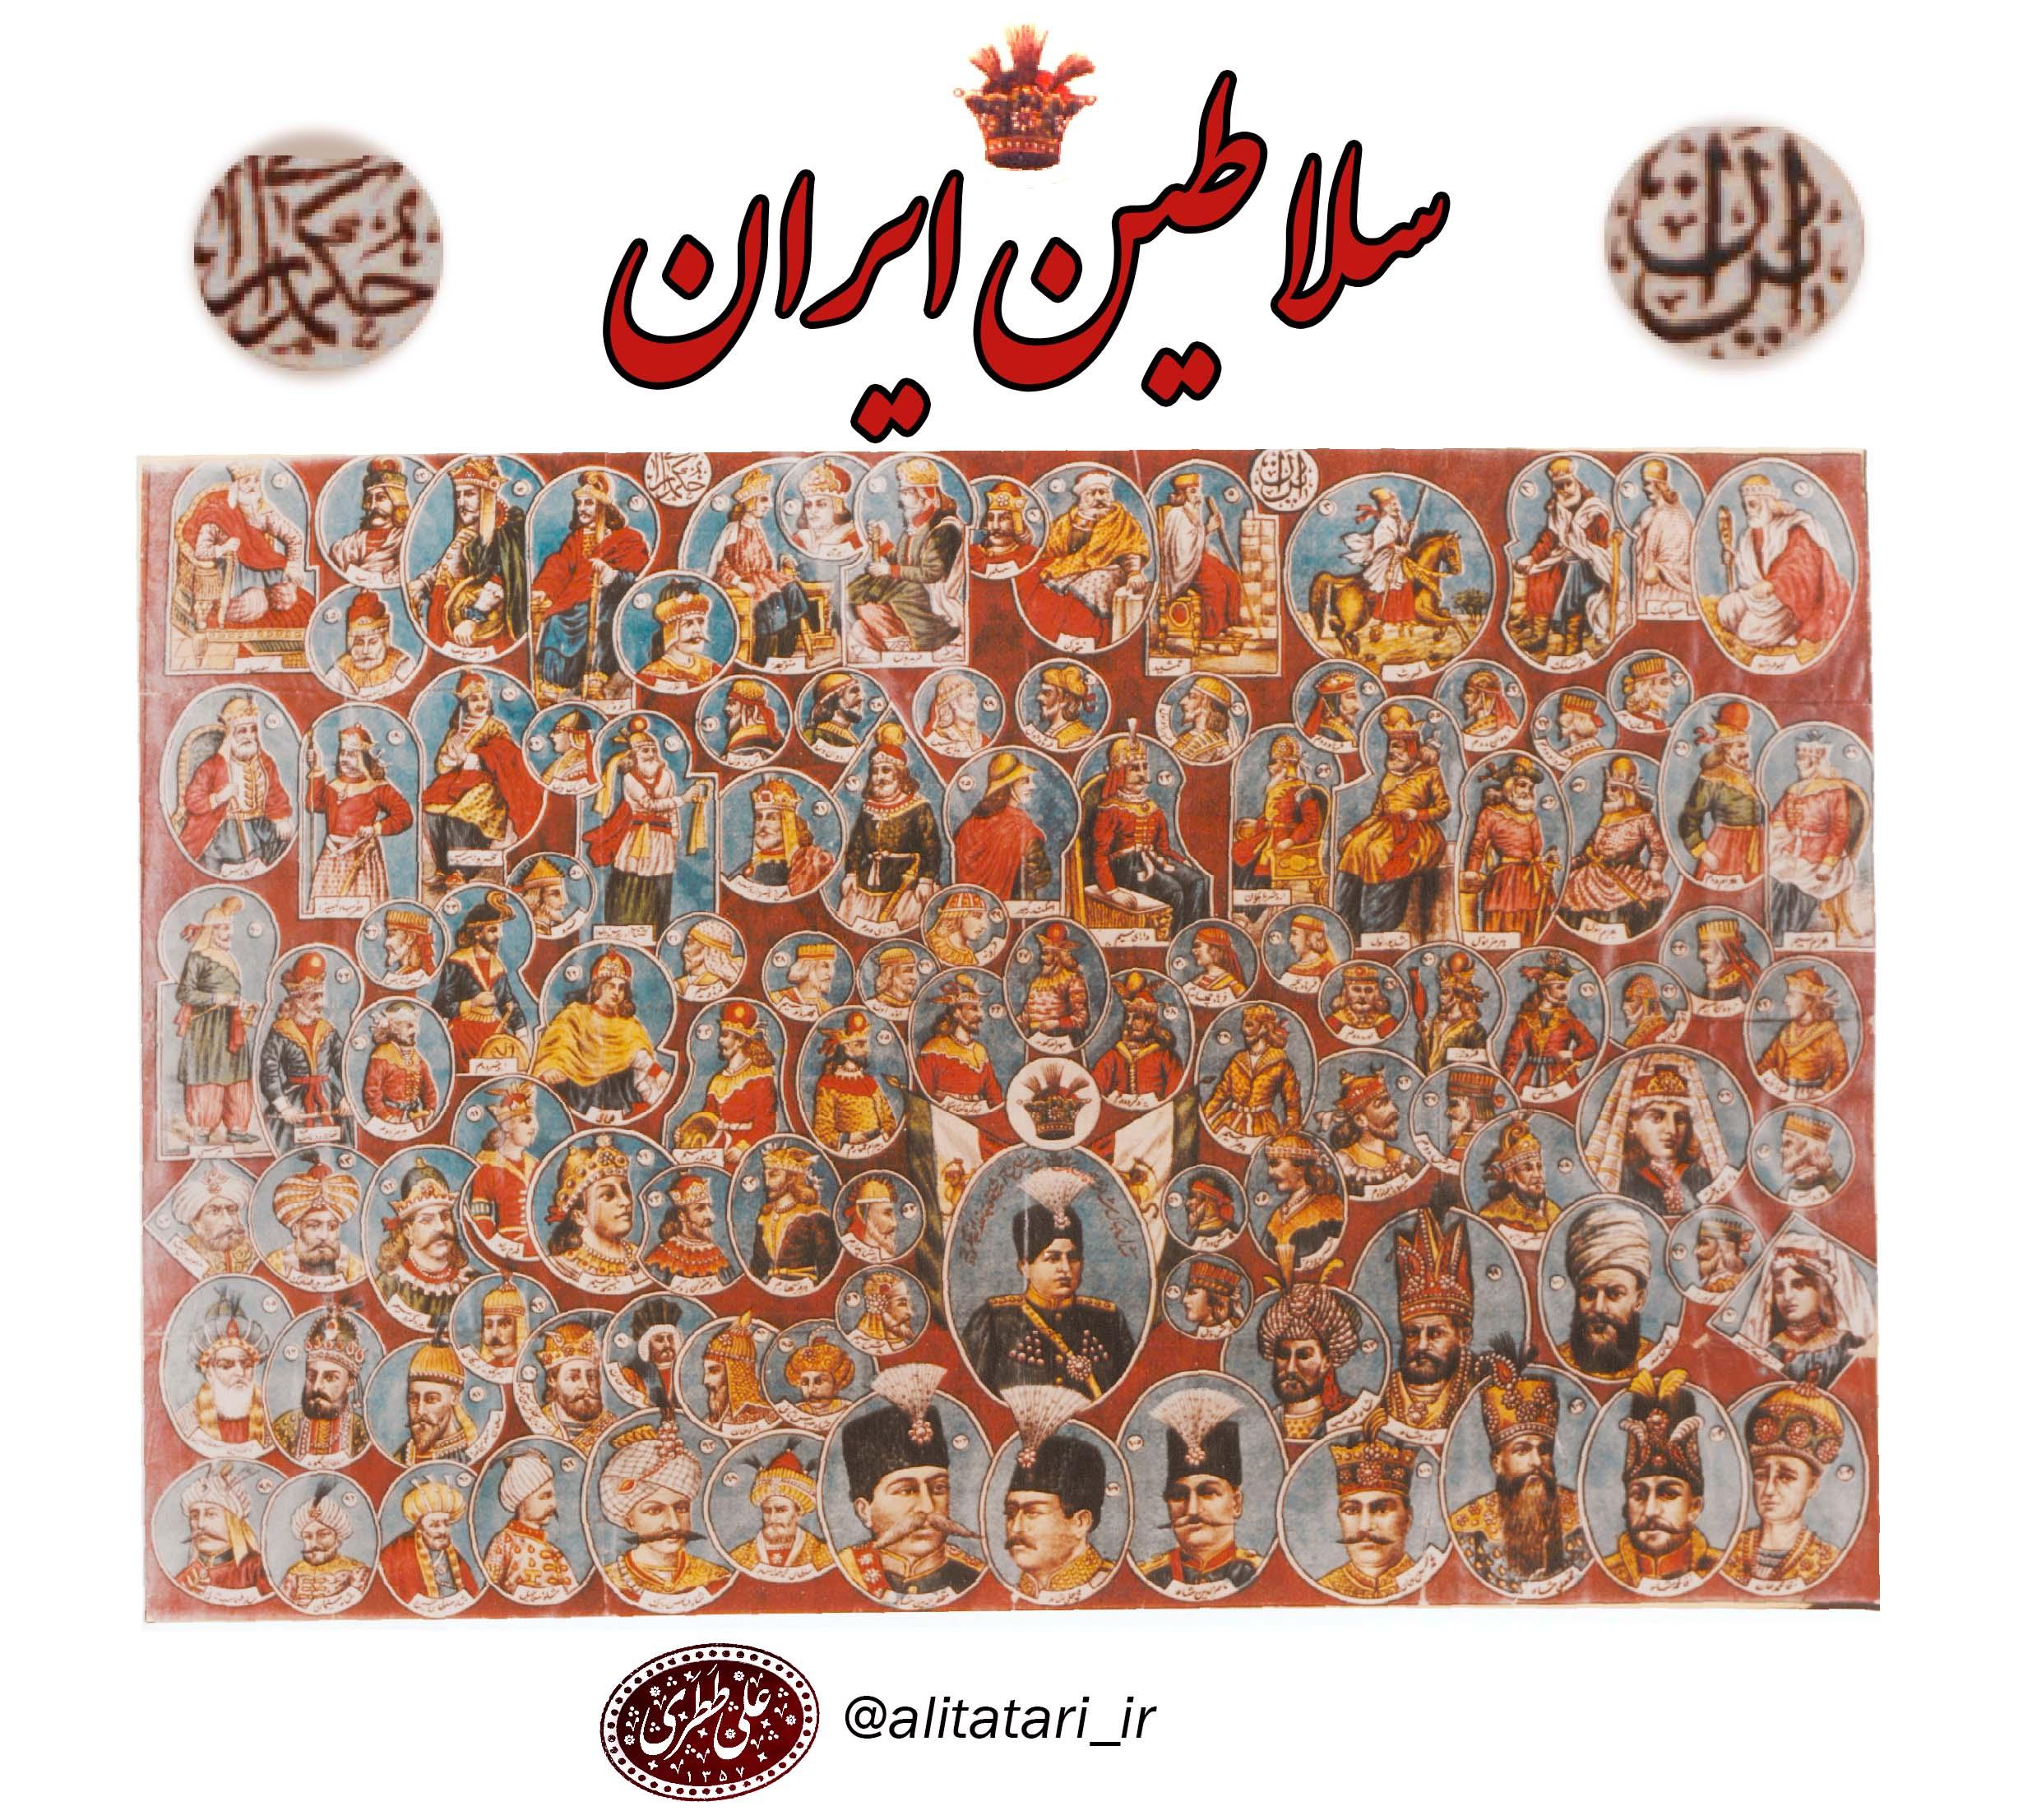 سلاطین ایران (اسطوره ای و تاریخی)